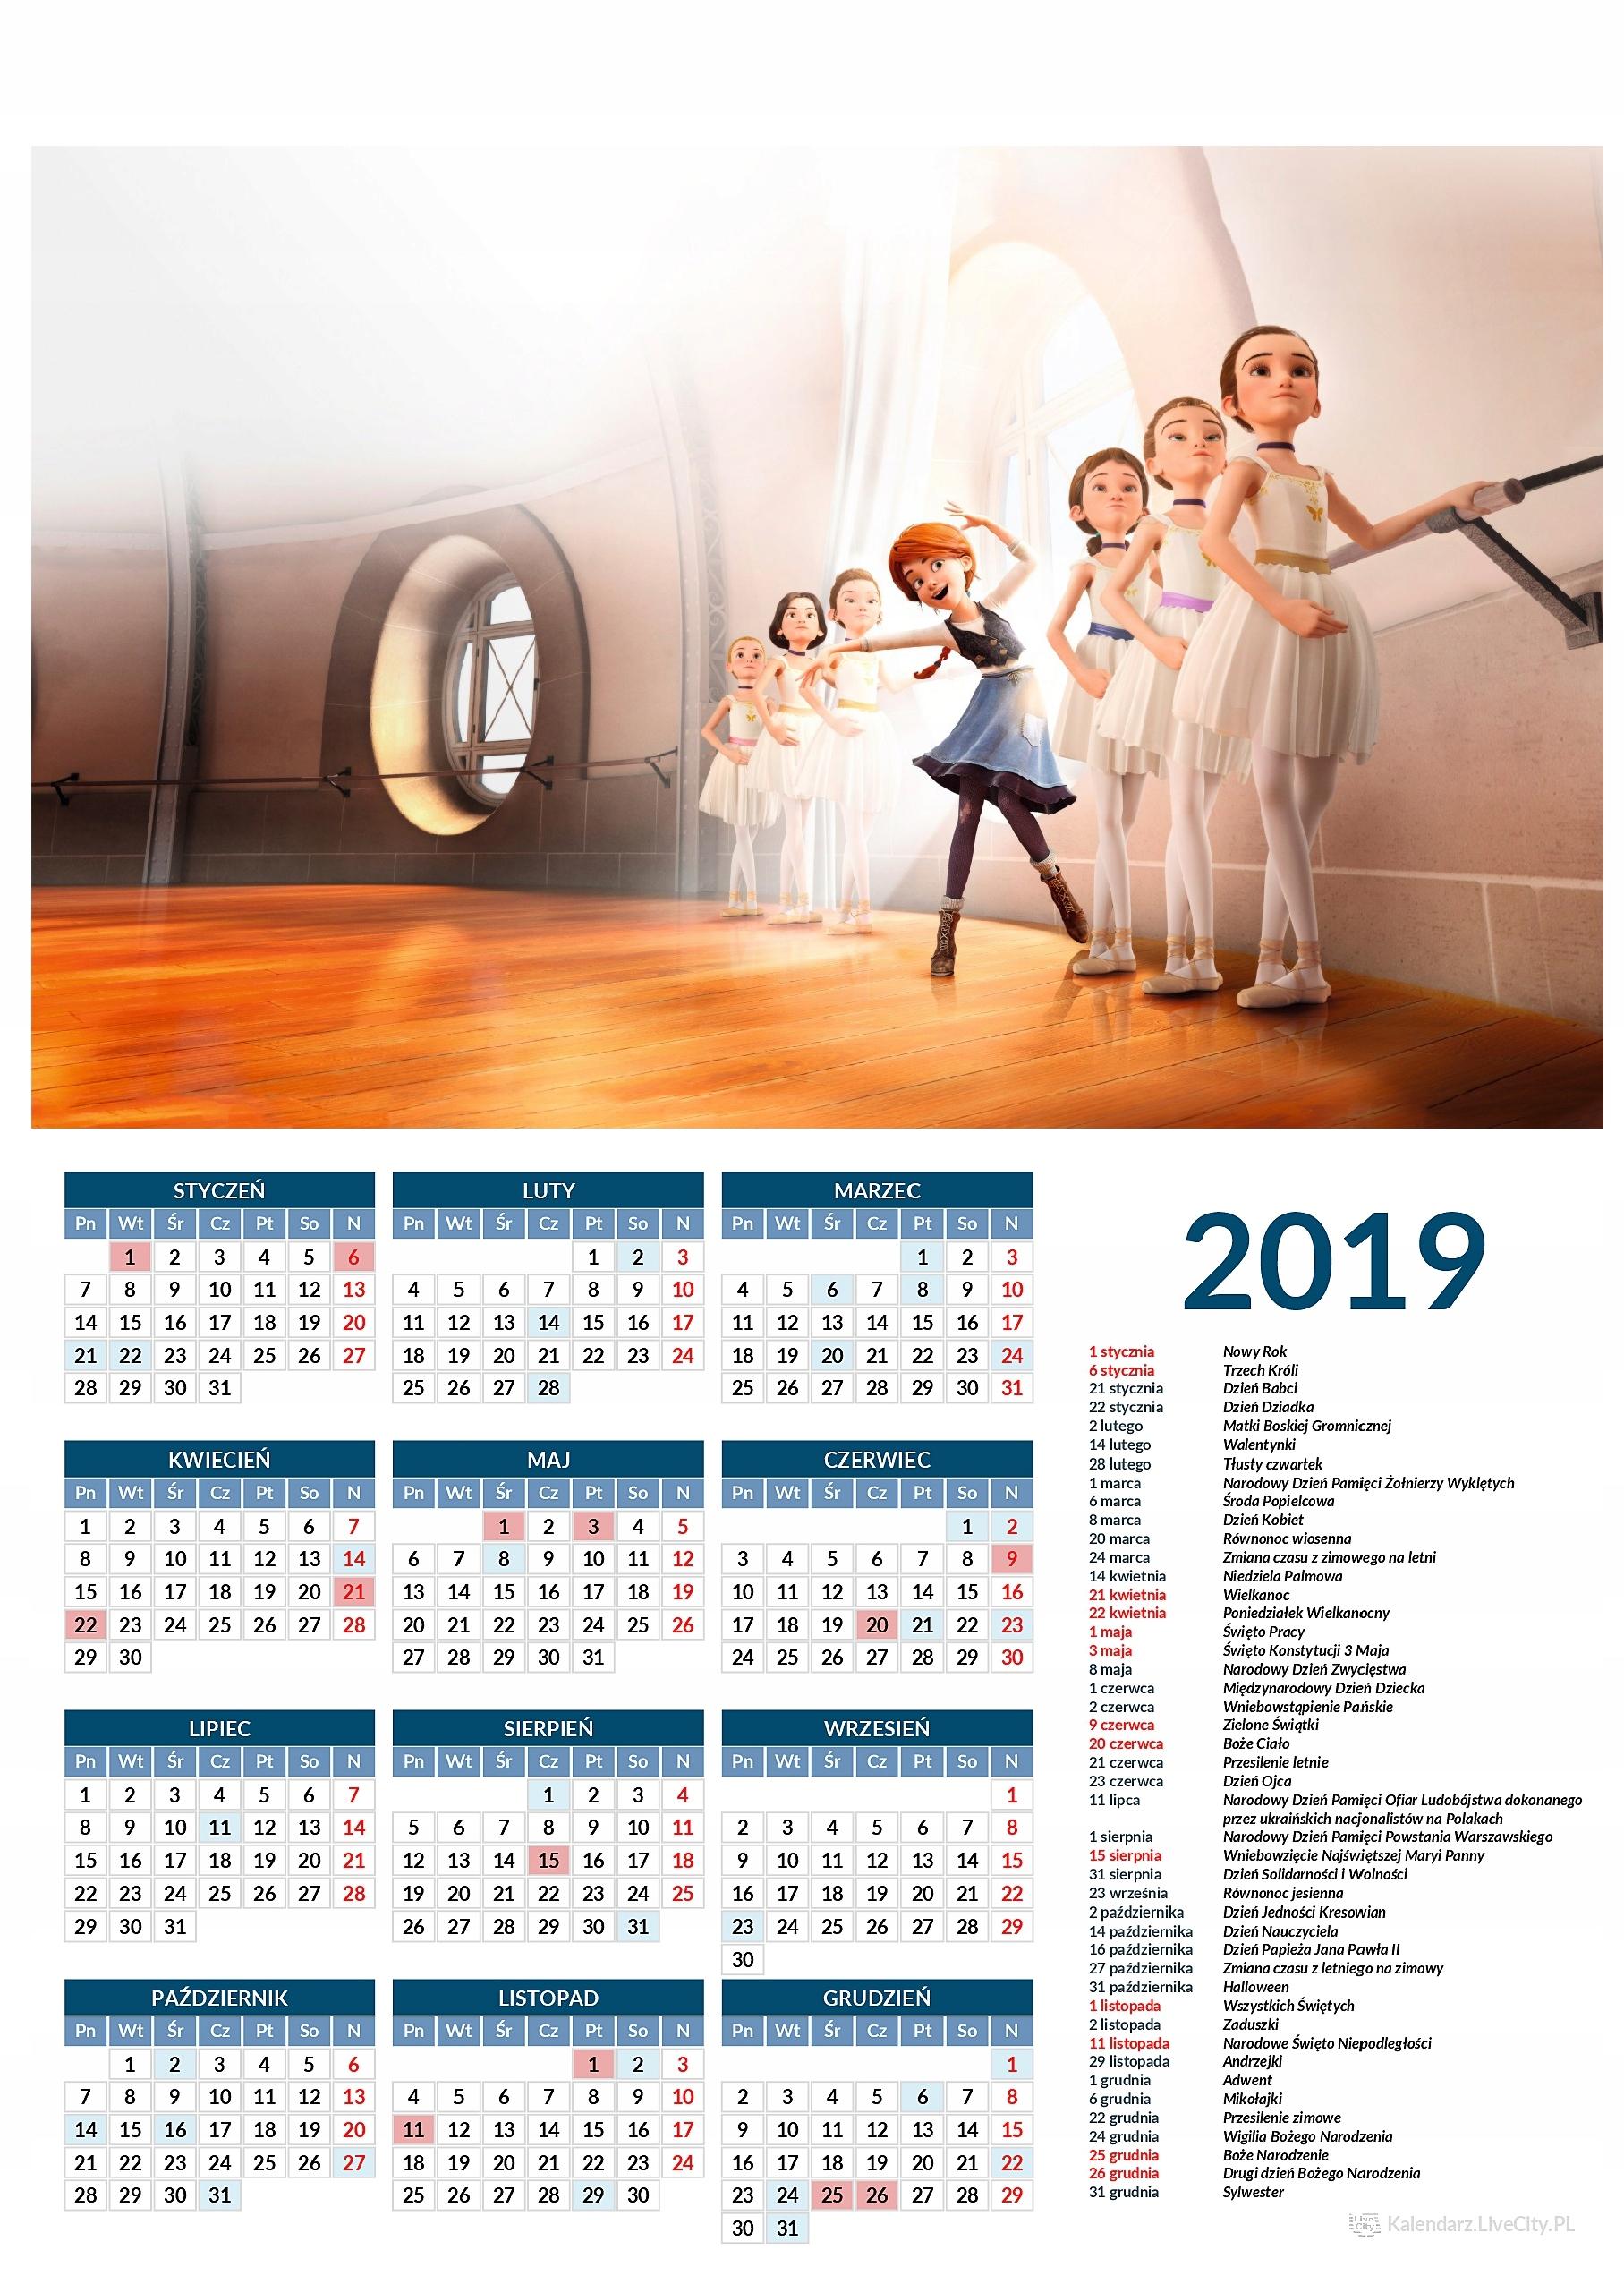 Kalendarz 2019 film Ballerina